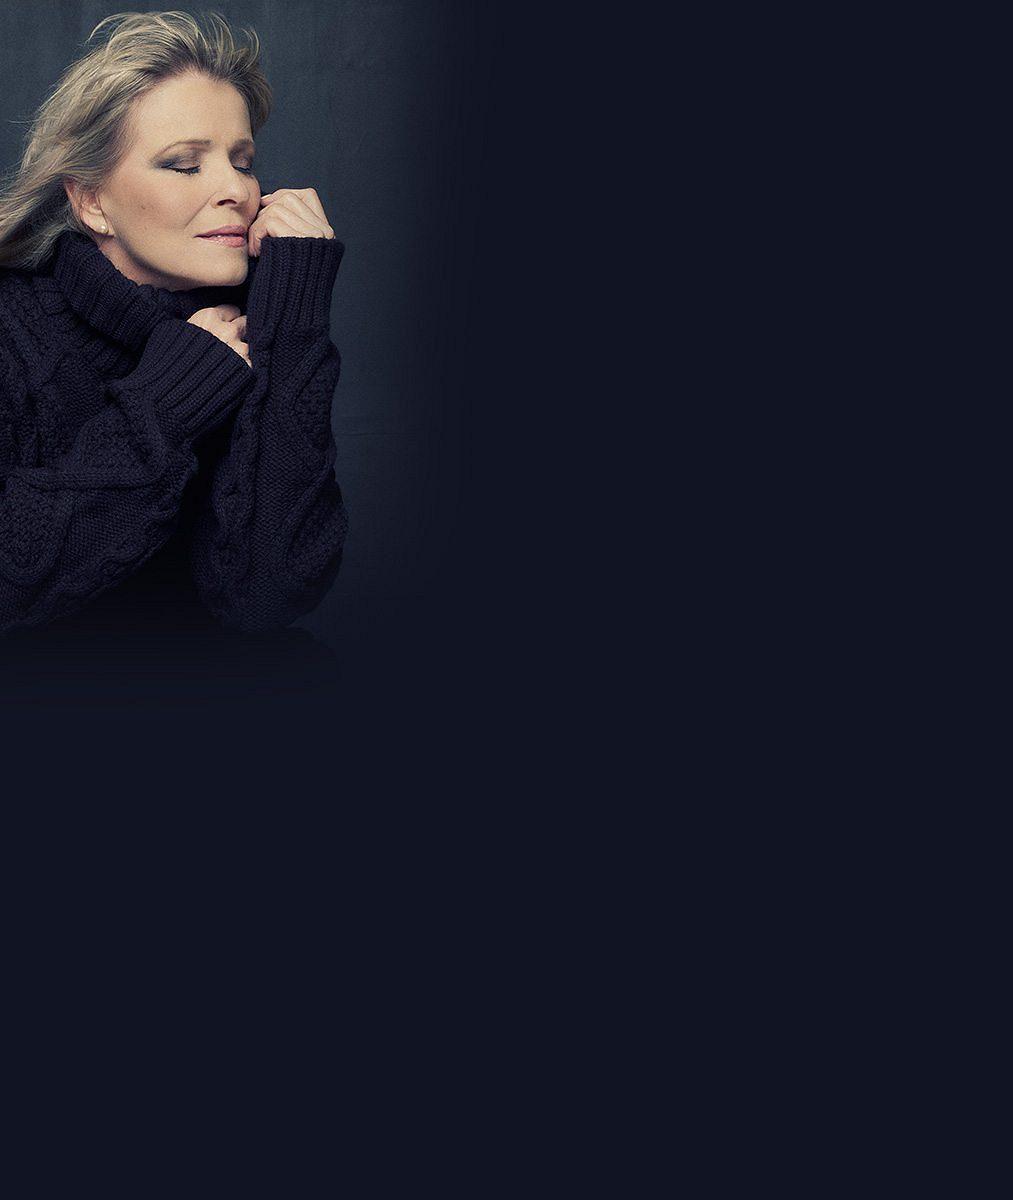 Chantal Poullain dojal film o Masarykovi. Za svého krajana se šarmantní Francouzka styděla